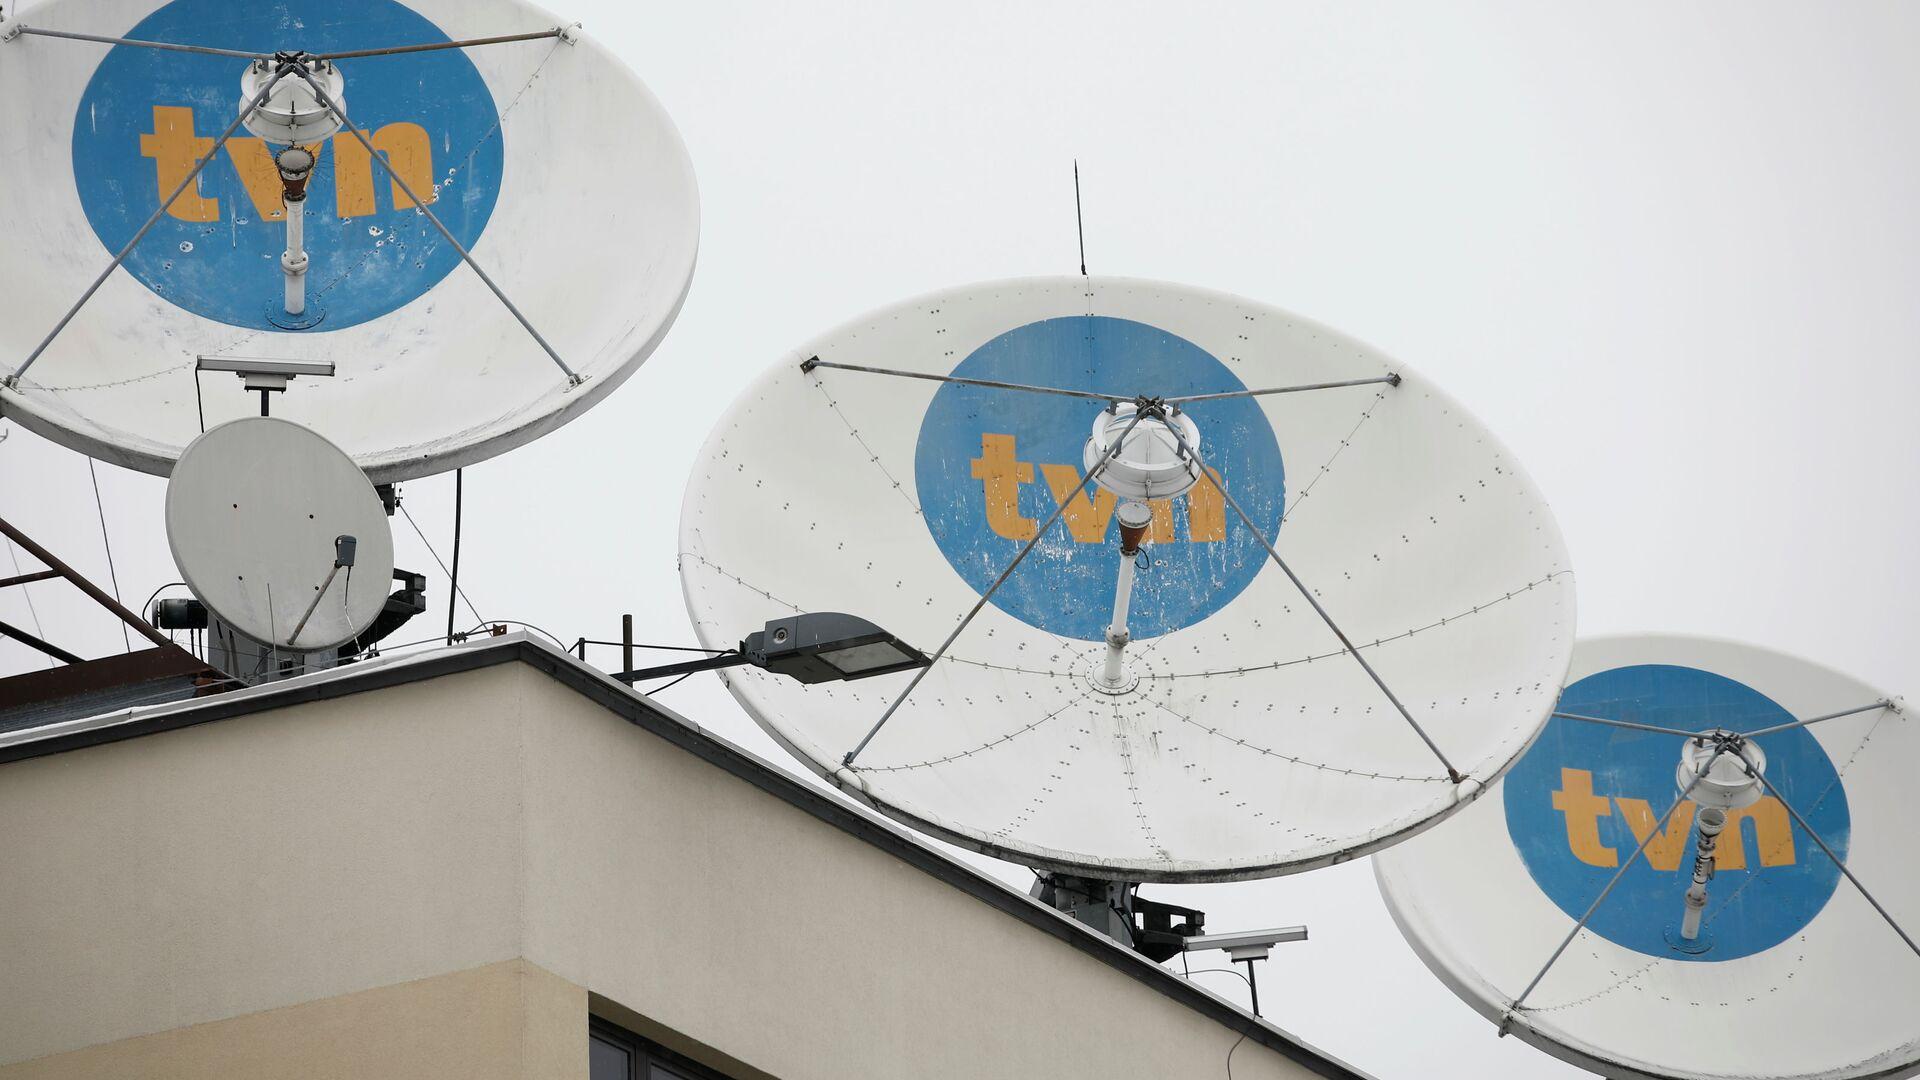 Logo prywatnej stacji TVN na antenach satelitarnych w siedzibie firmy w Warszawie - Sputnik Polska, 1920, 06.08.2021